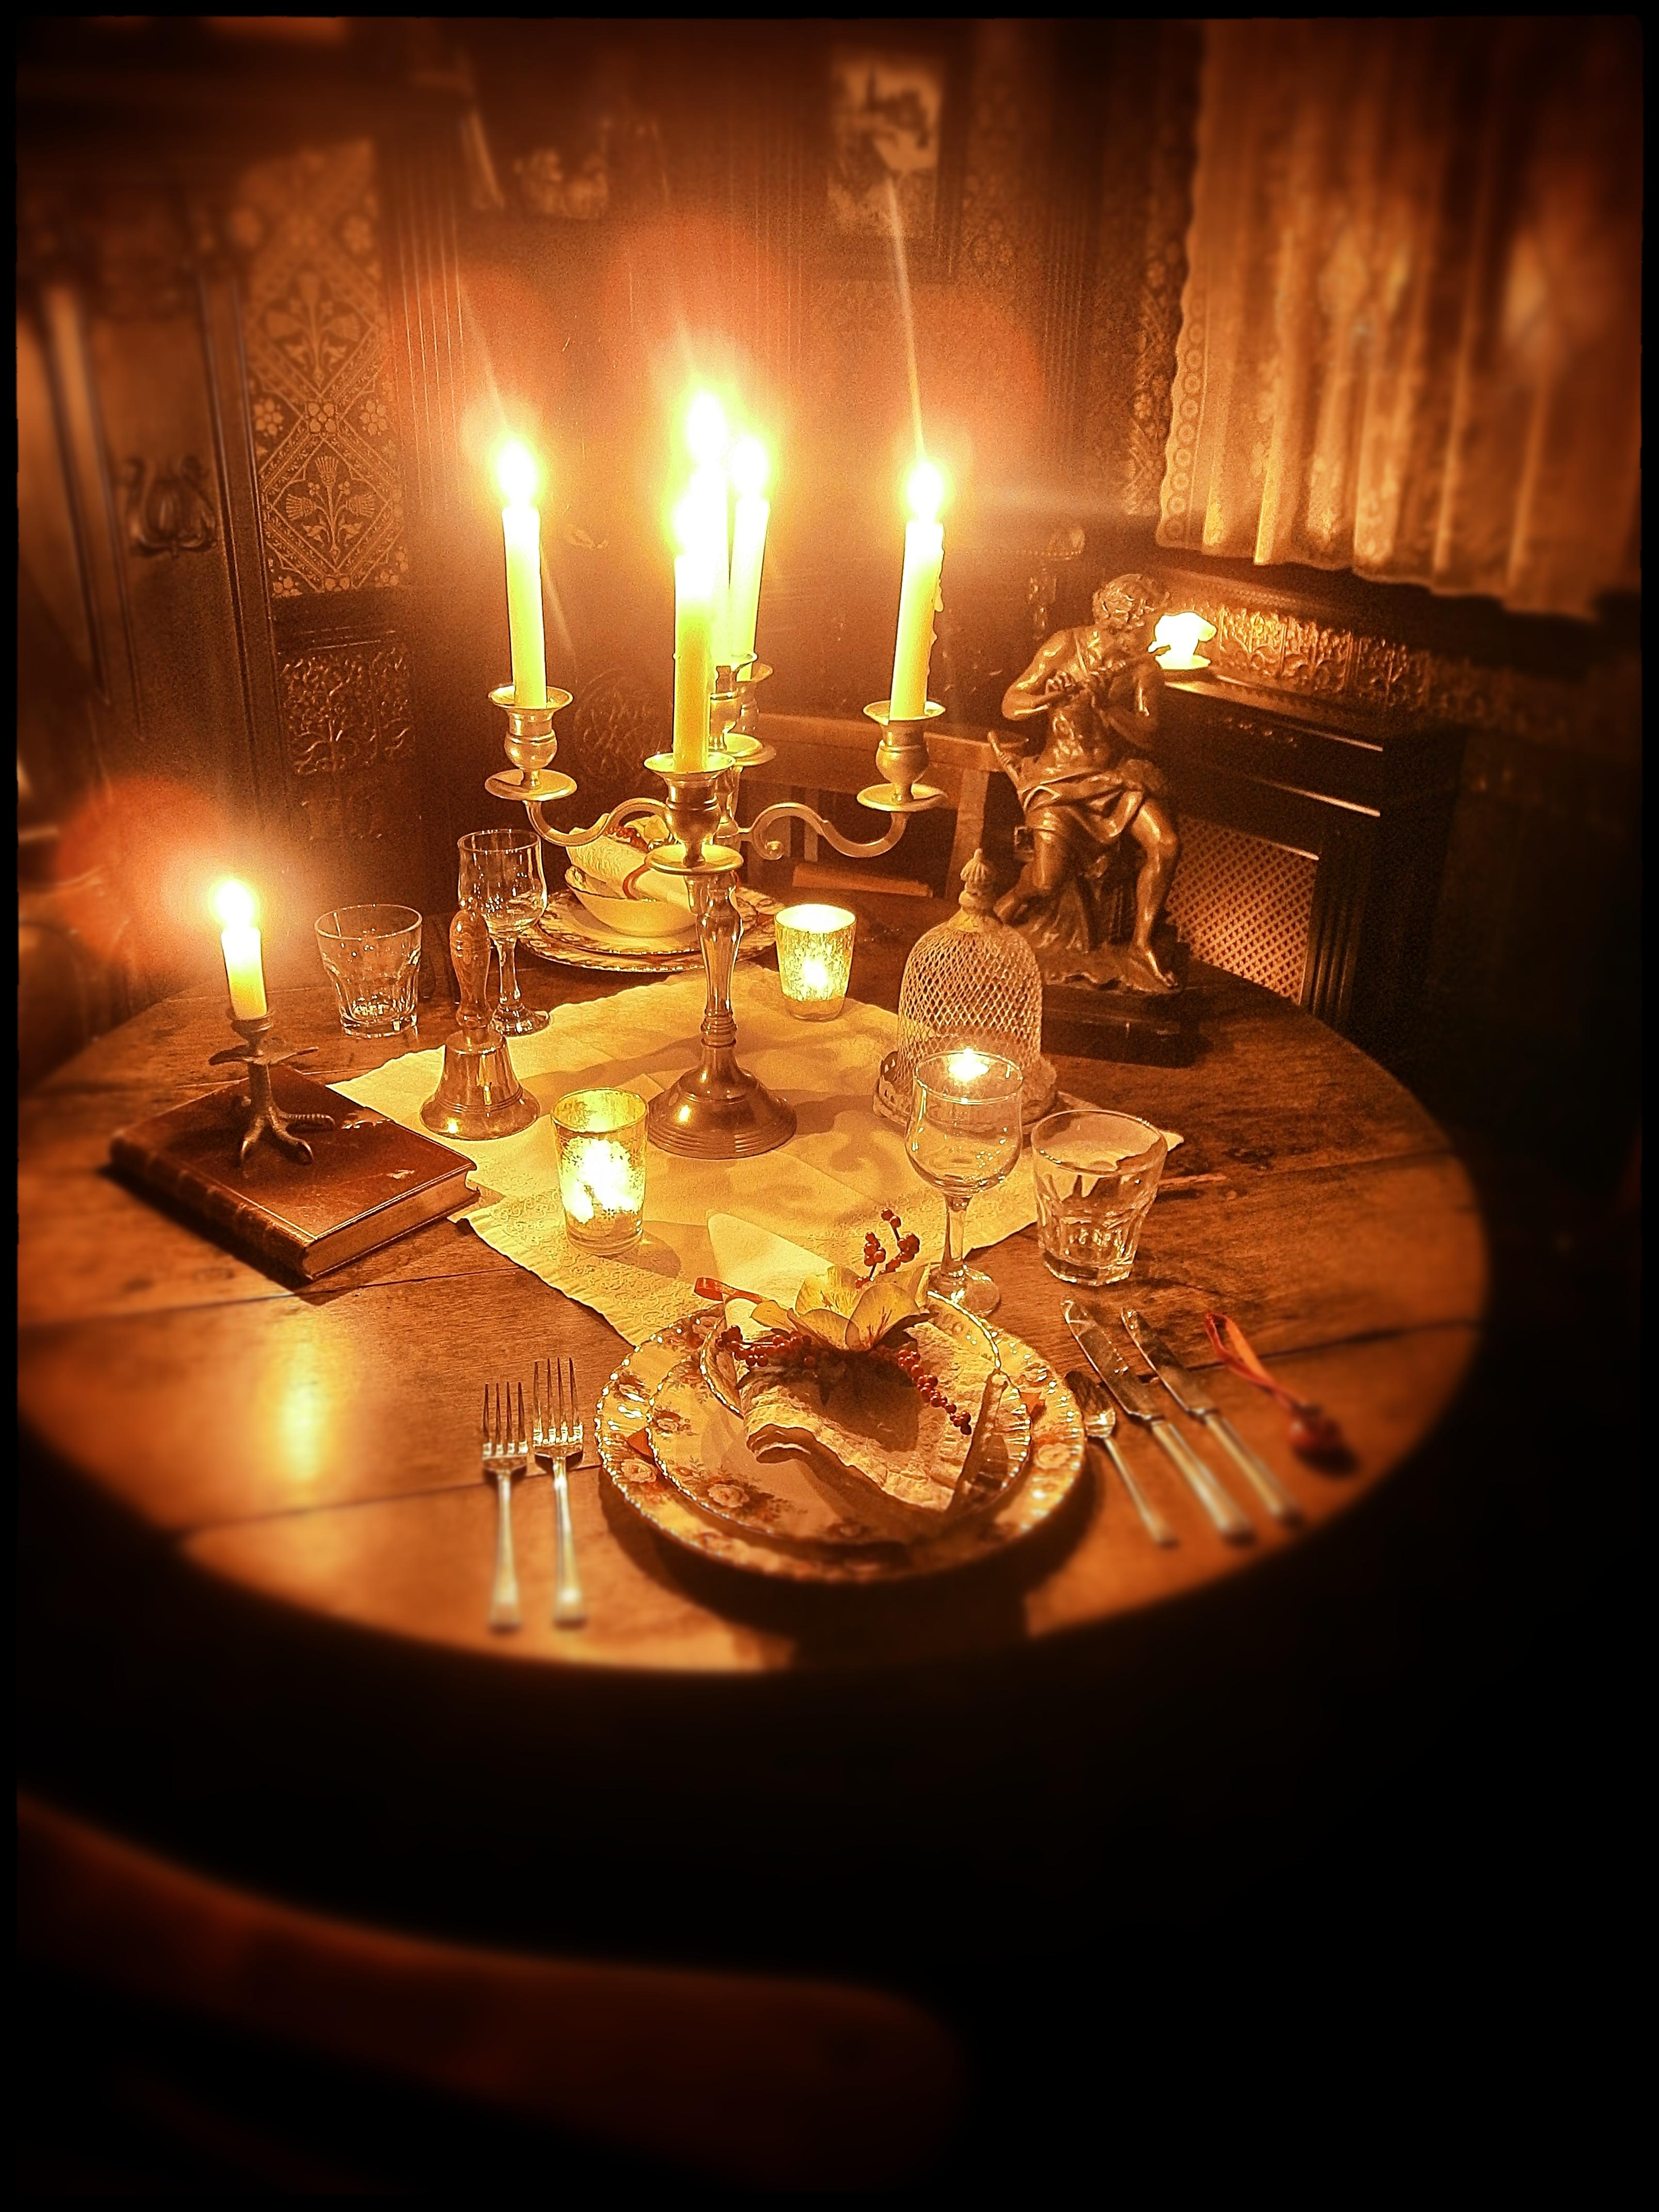 Haunted Bedroom table1_Snapseed.jpg